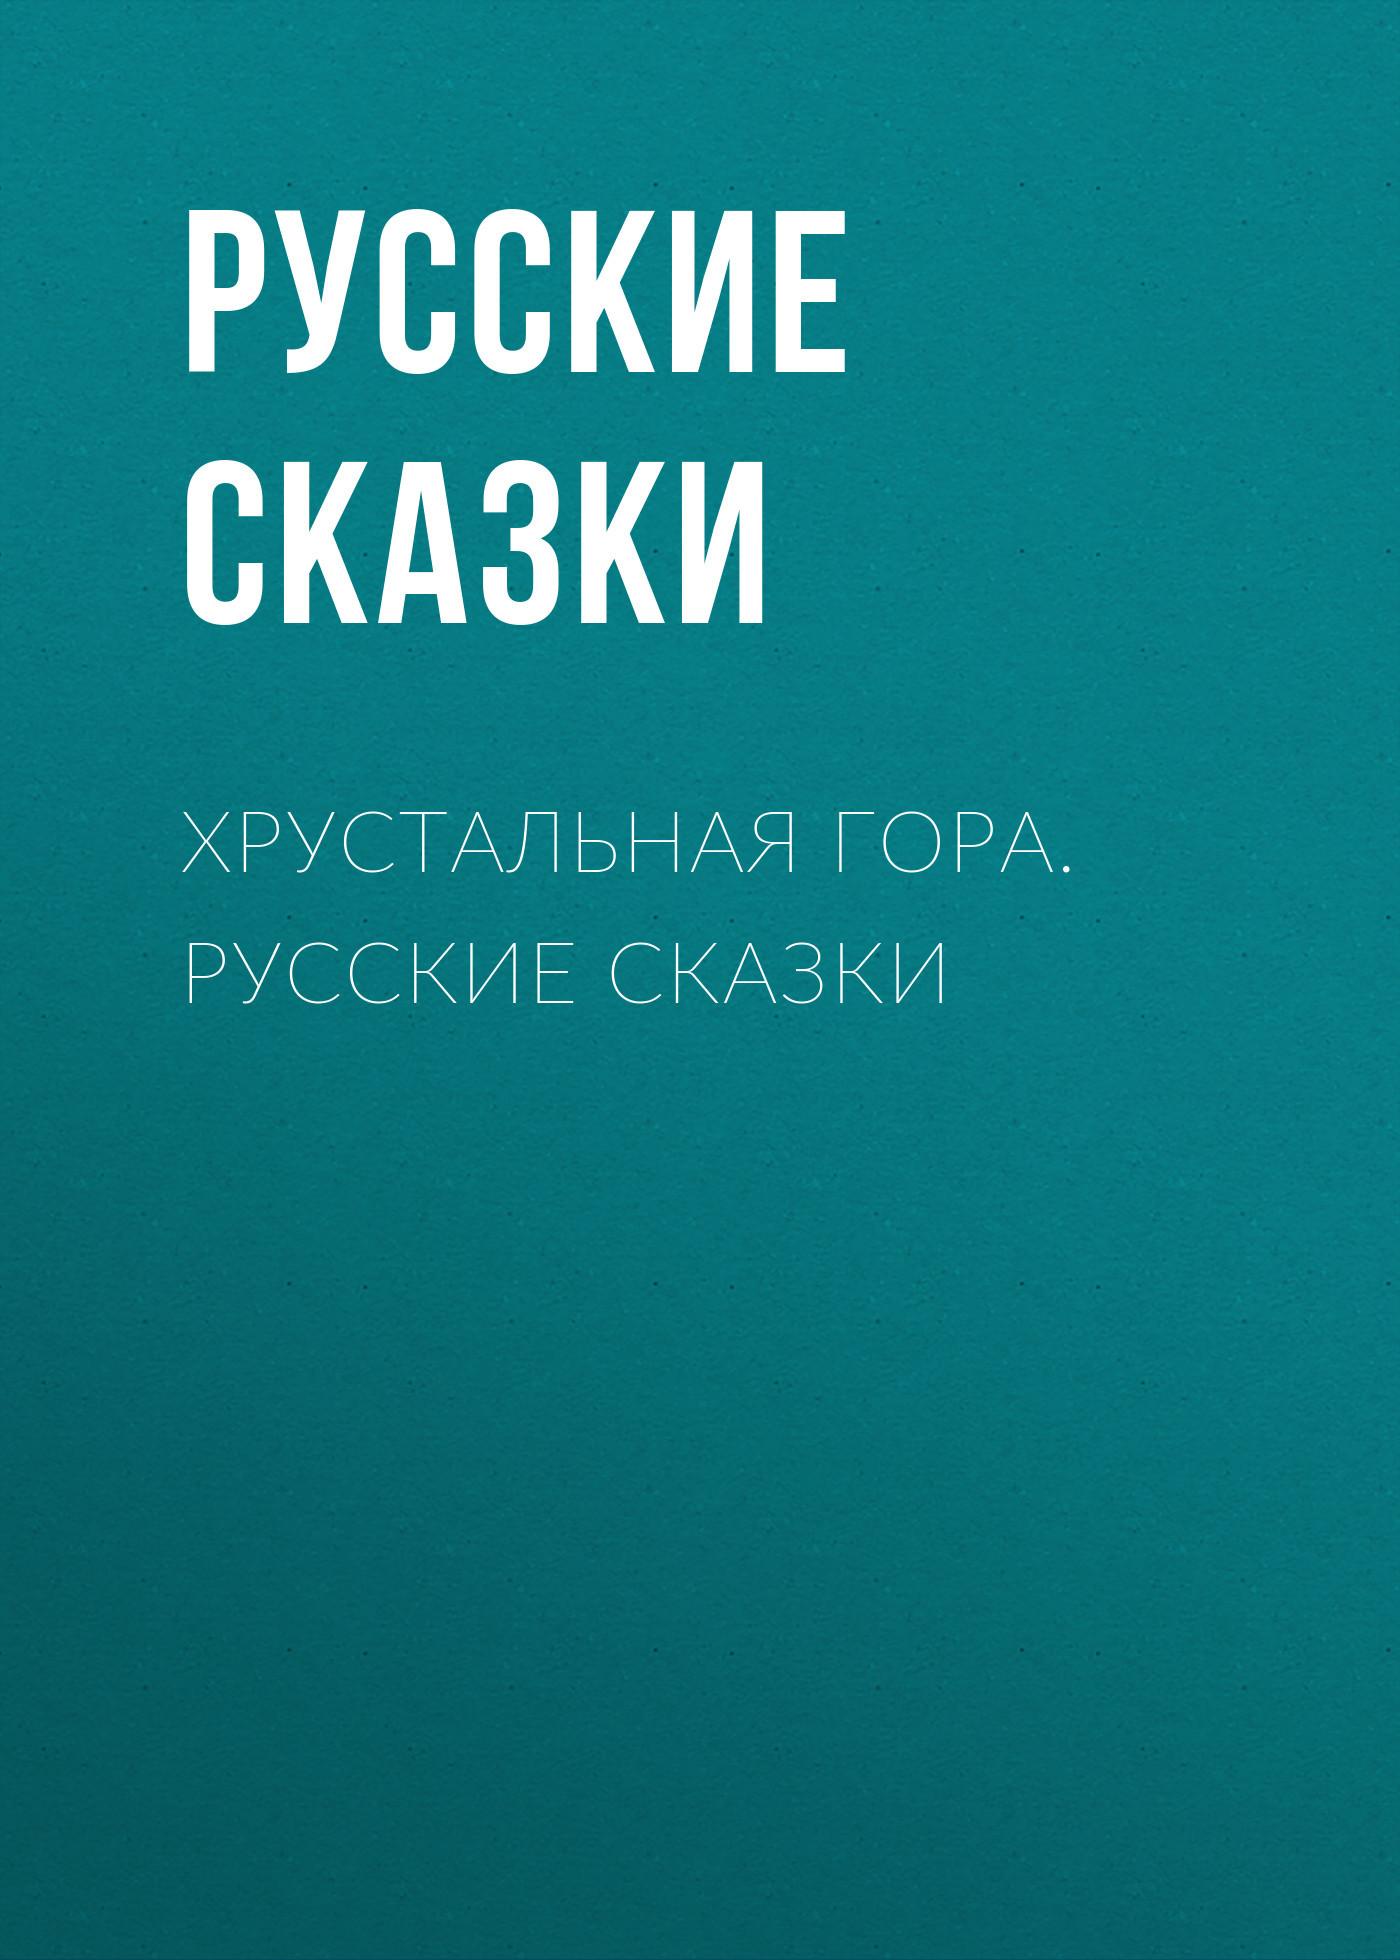 Русские сказки Хрустальная гора. Русские сказки русские сказки